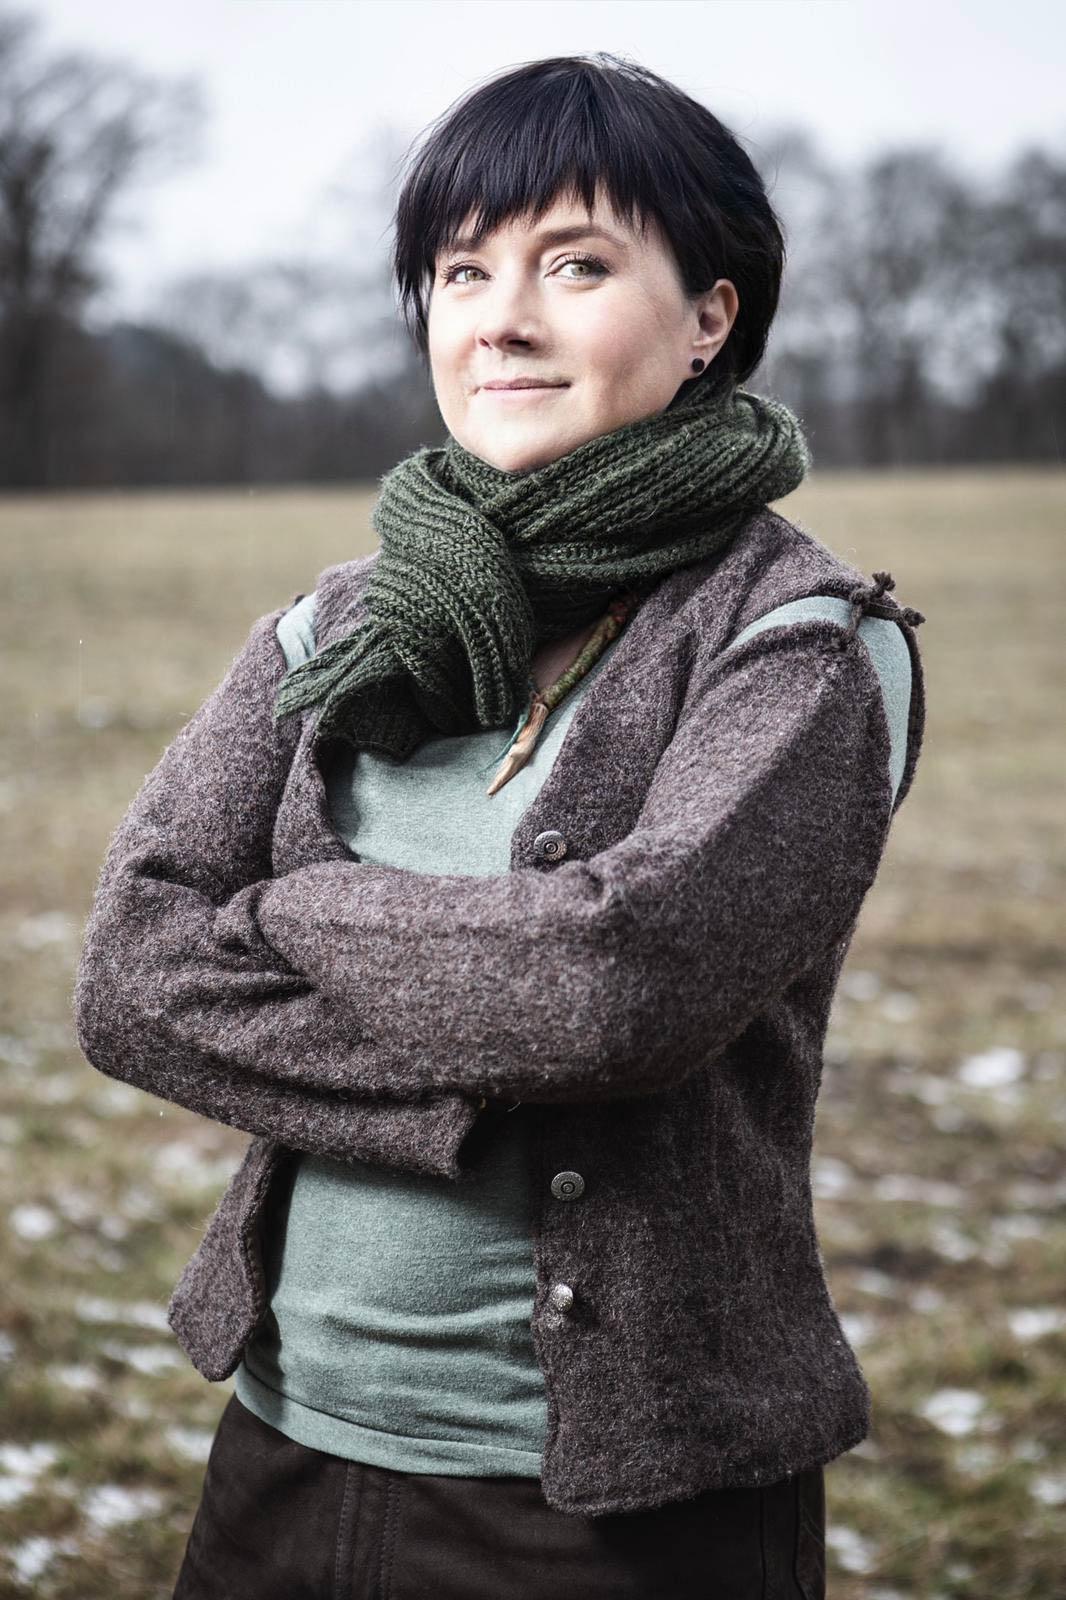 Wildlife observation wildlife photography Dr Ariane Schmidt